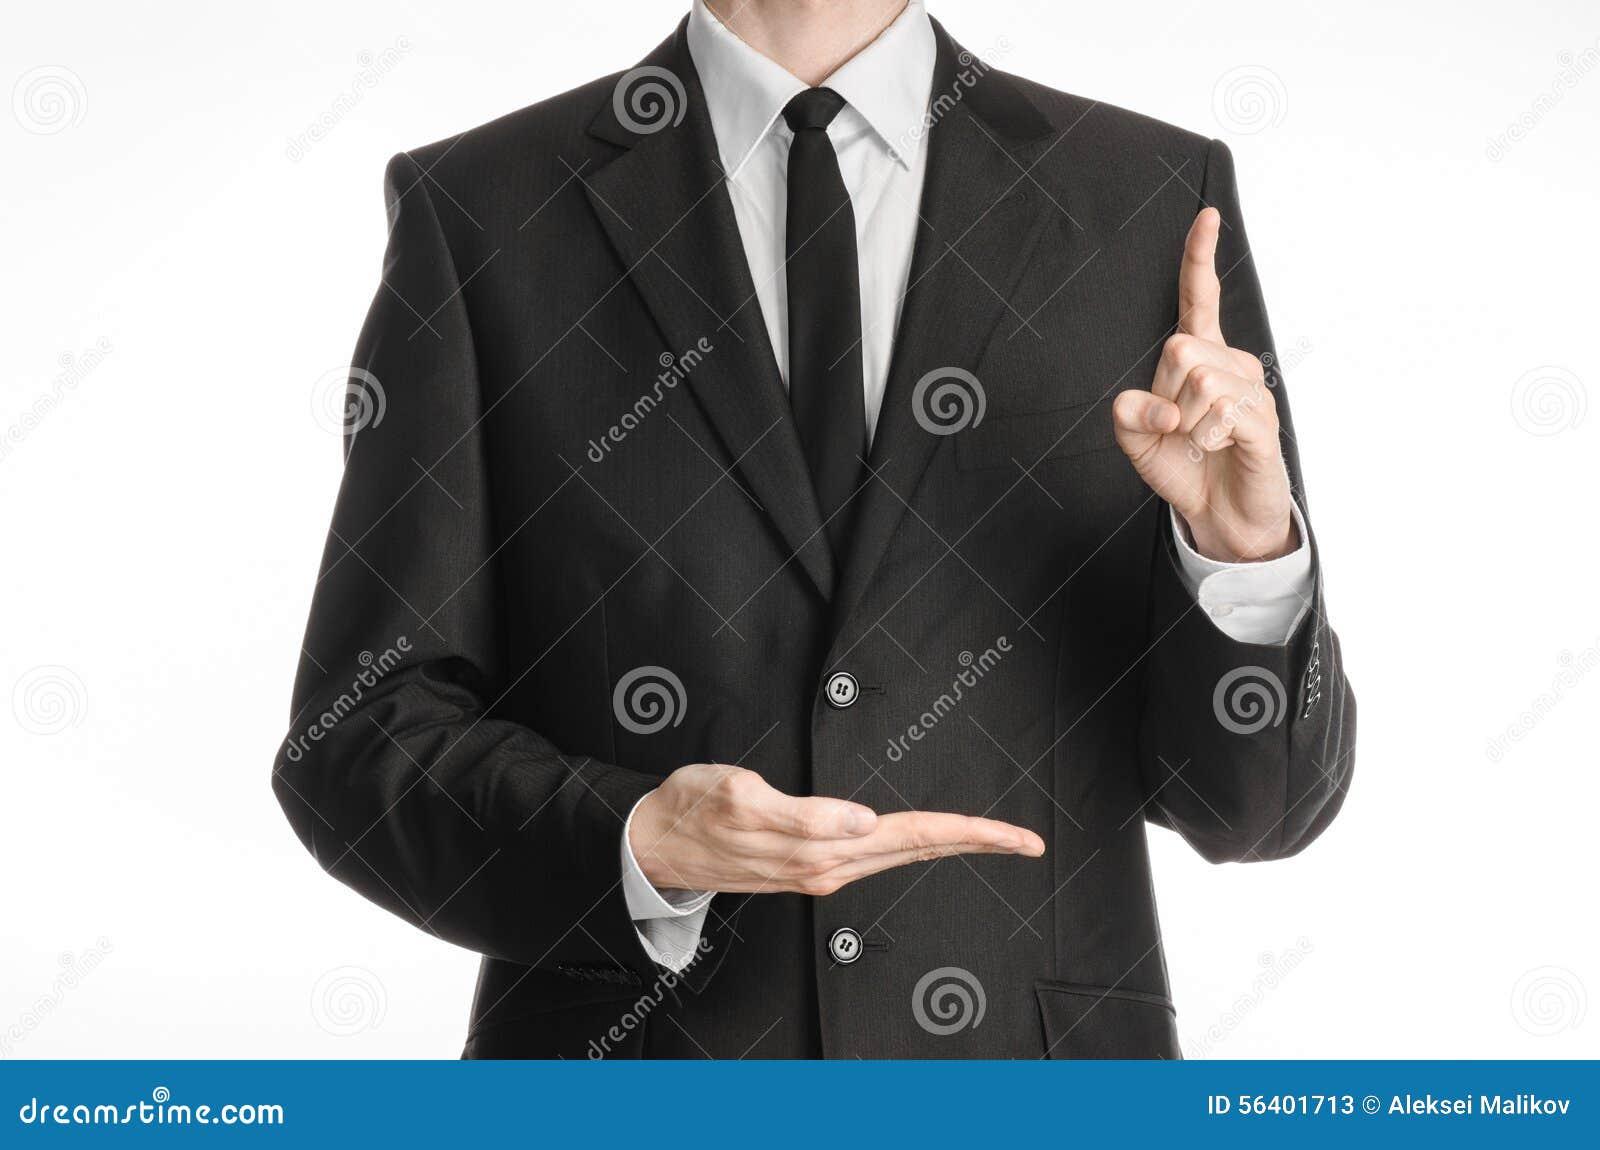 homme d 39 affaires et sujet de geste un homme dans un costume noir avec un lien montre l 39 index. Black Bedroom Furniture Sets. Home Design Ideas